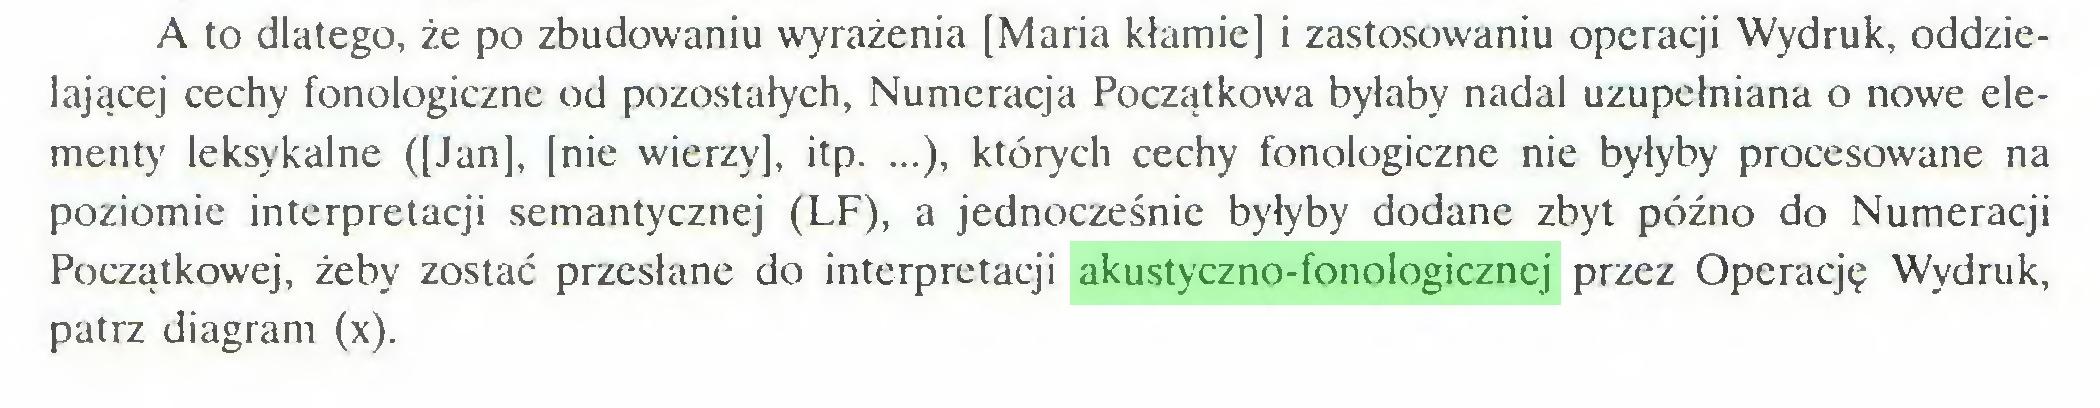 (...) A to dlatego, że po zbudowaniu wyrażenia [Maria kłamie] i zastosowaniu operacji Wydruk, oddzielającej cechy fonologicznc od pozostałych, Numeracja Początkowa byłaby nadal uzupełniana o nowe elementy leksykalne ([Jan], [nie wierzy], itp. ...), których cechy fonologiczne nie byłyby procesowane na poziomie interpretacji semantycznej (LF), a jednocześnie byłyby dodane zbyt późno do Numeracji Początkowej, żeby zostać przesłane do interpretacji akustyczno-fonologicznej przez Operację Wydruk, patrz diagram (x)...